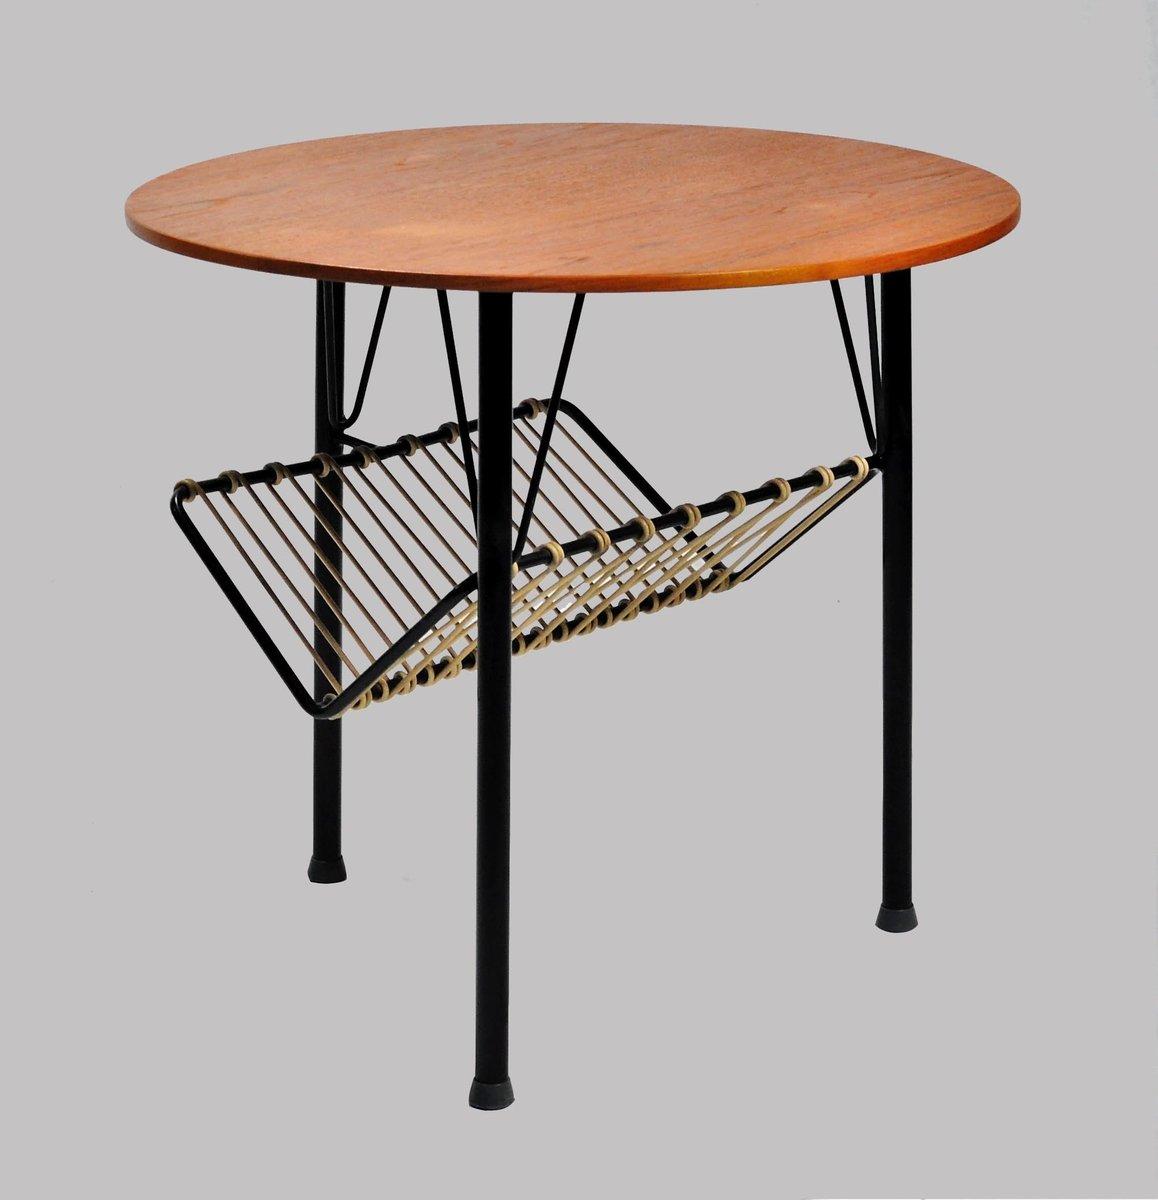 d nischer beistelltisch aus teak schwarzem metall. Black Bedroom Furniture Sets. Home Design Ideas